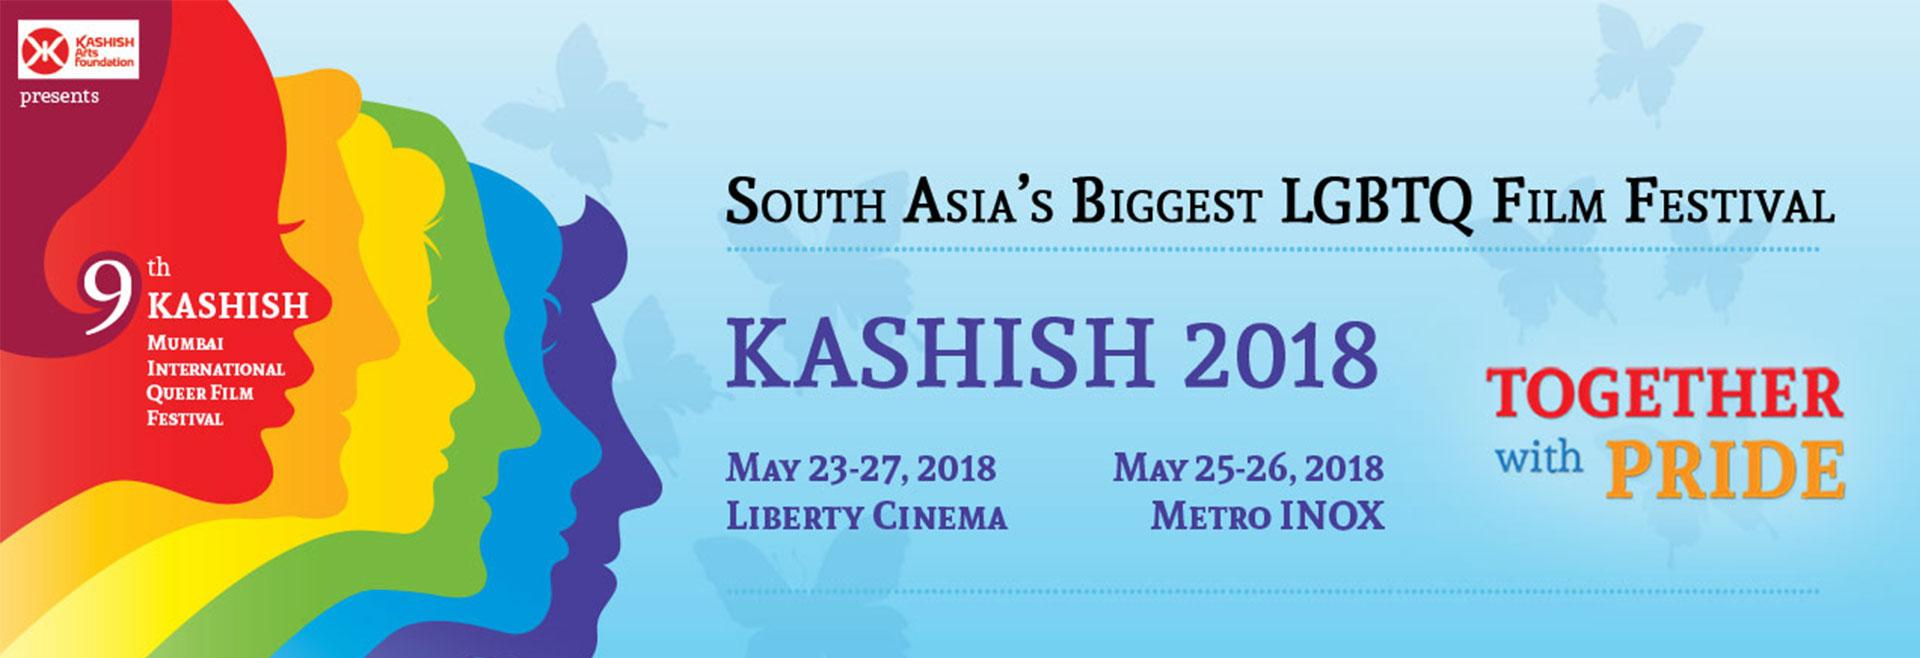 KASHISH 2018